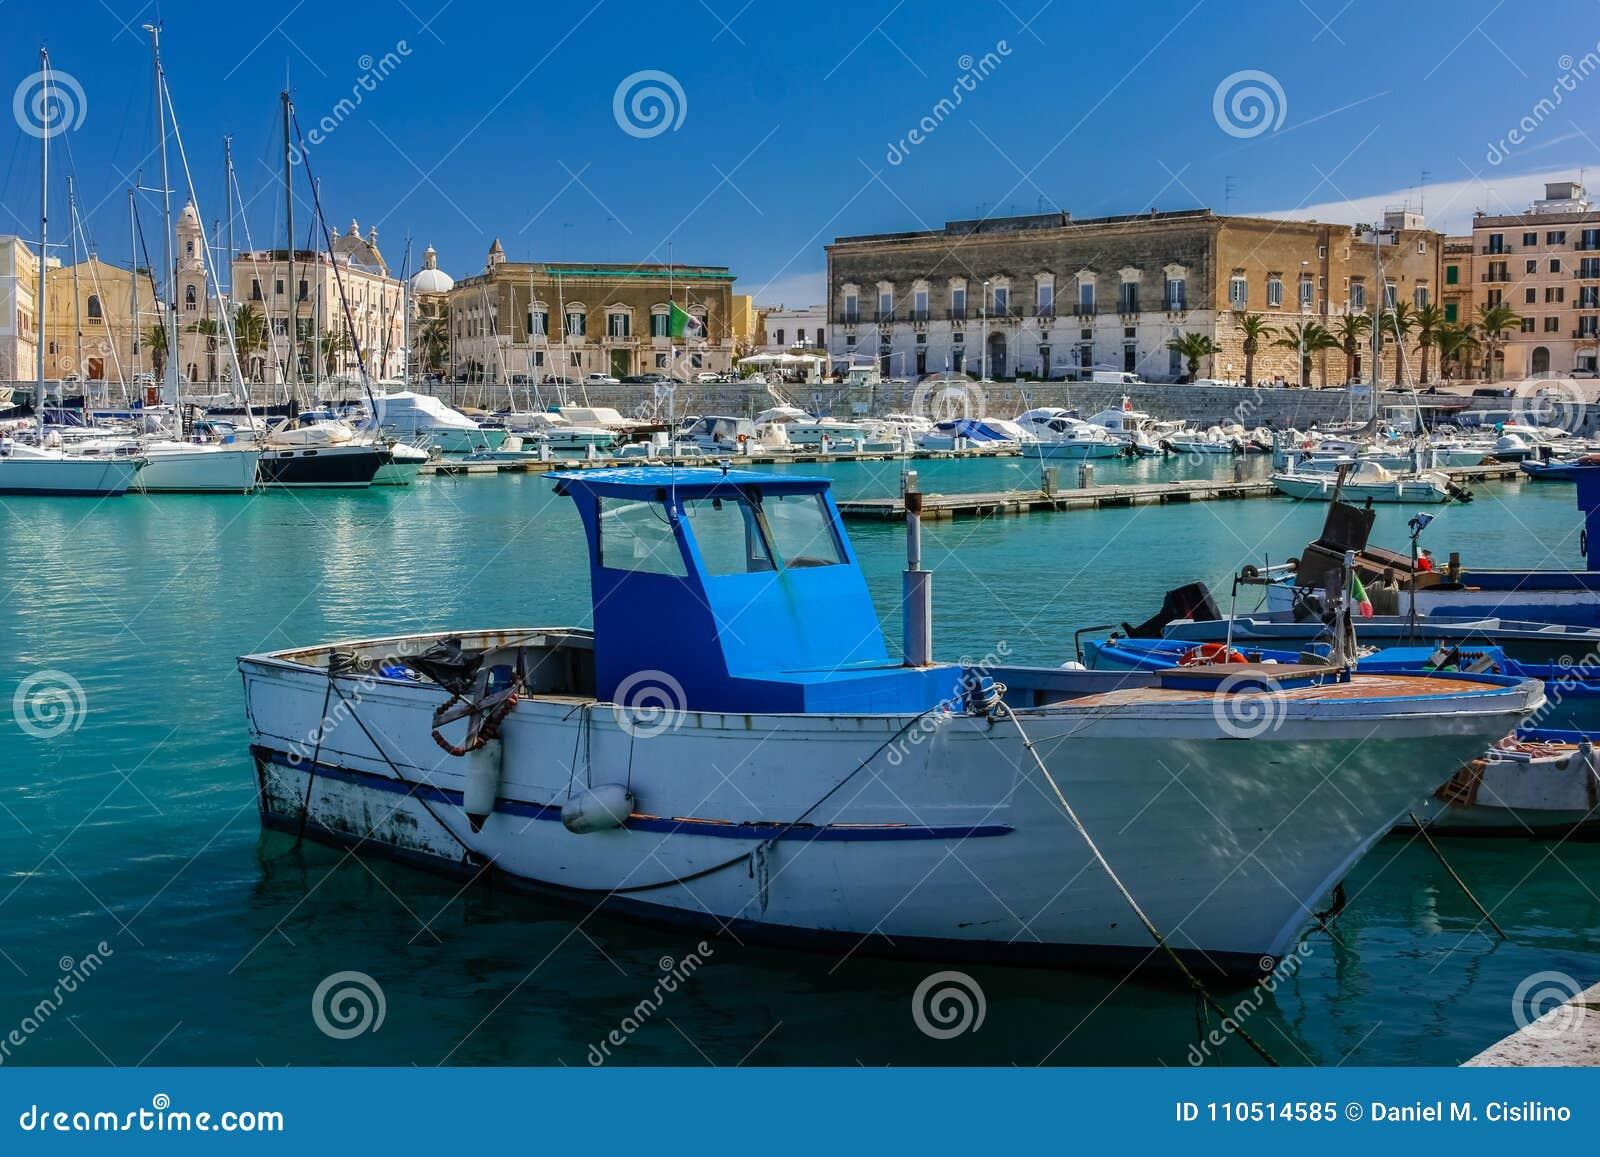 港口 特拉尼 普利亚 意大利